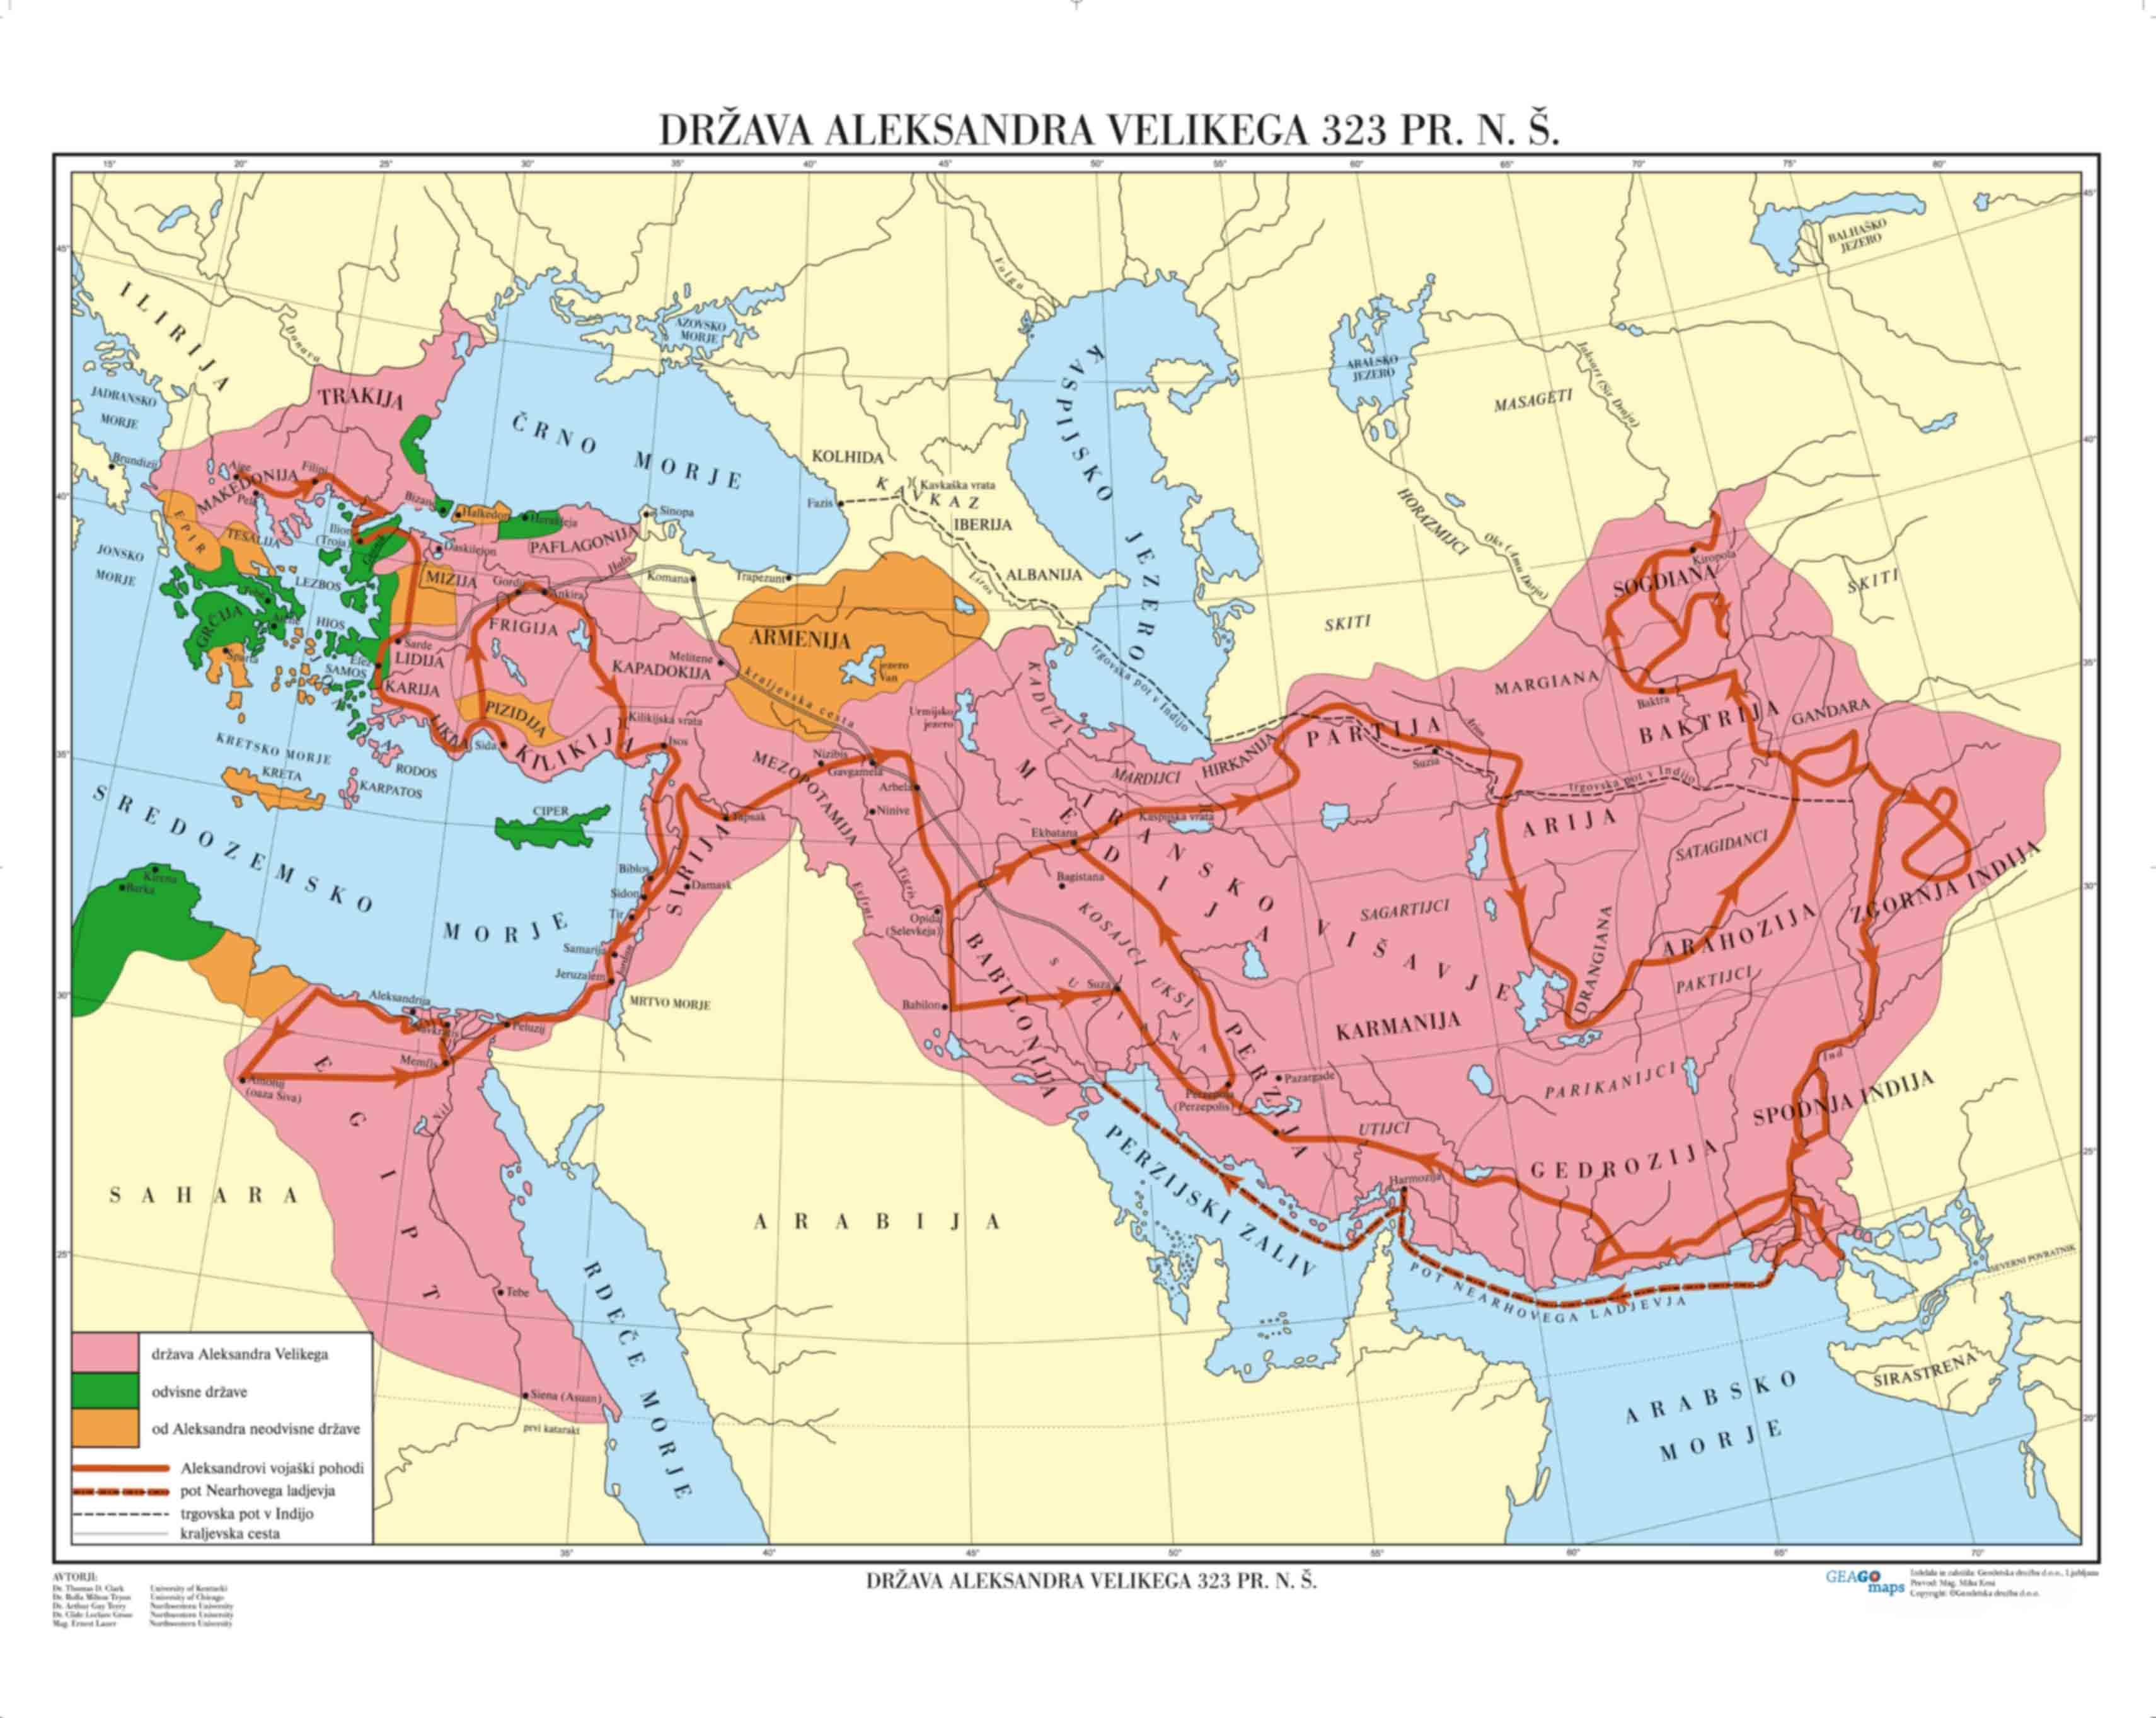 Država Aleksandra Velikega 323 pr.n.p.